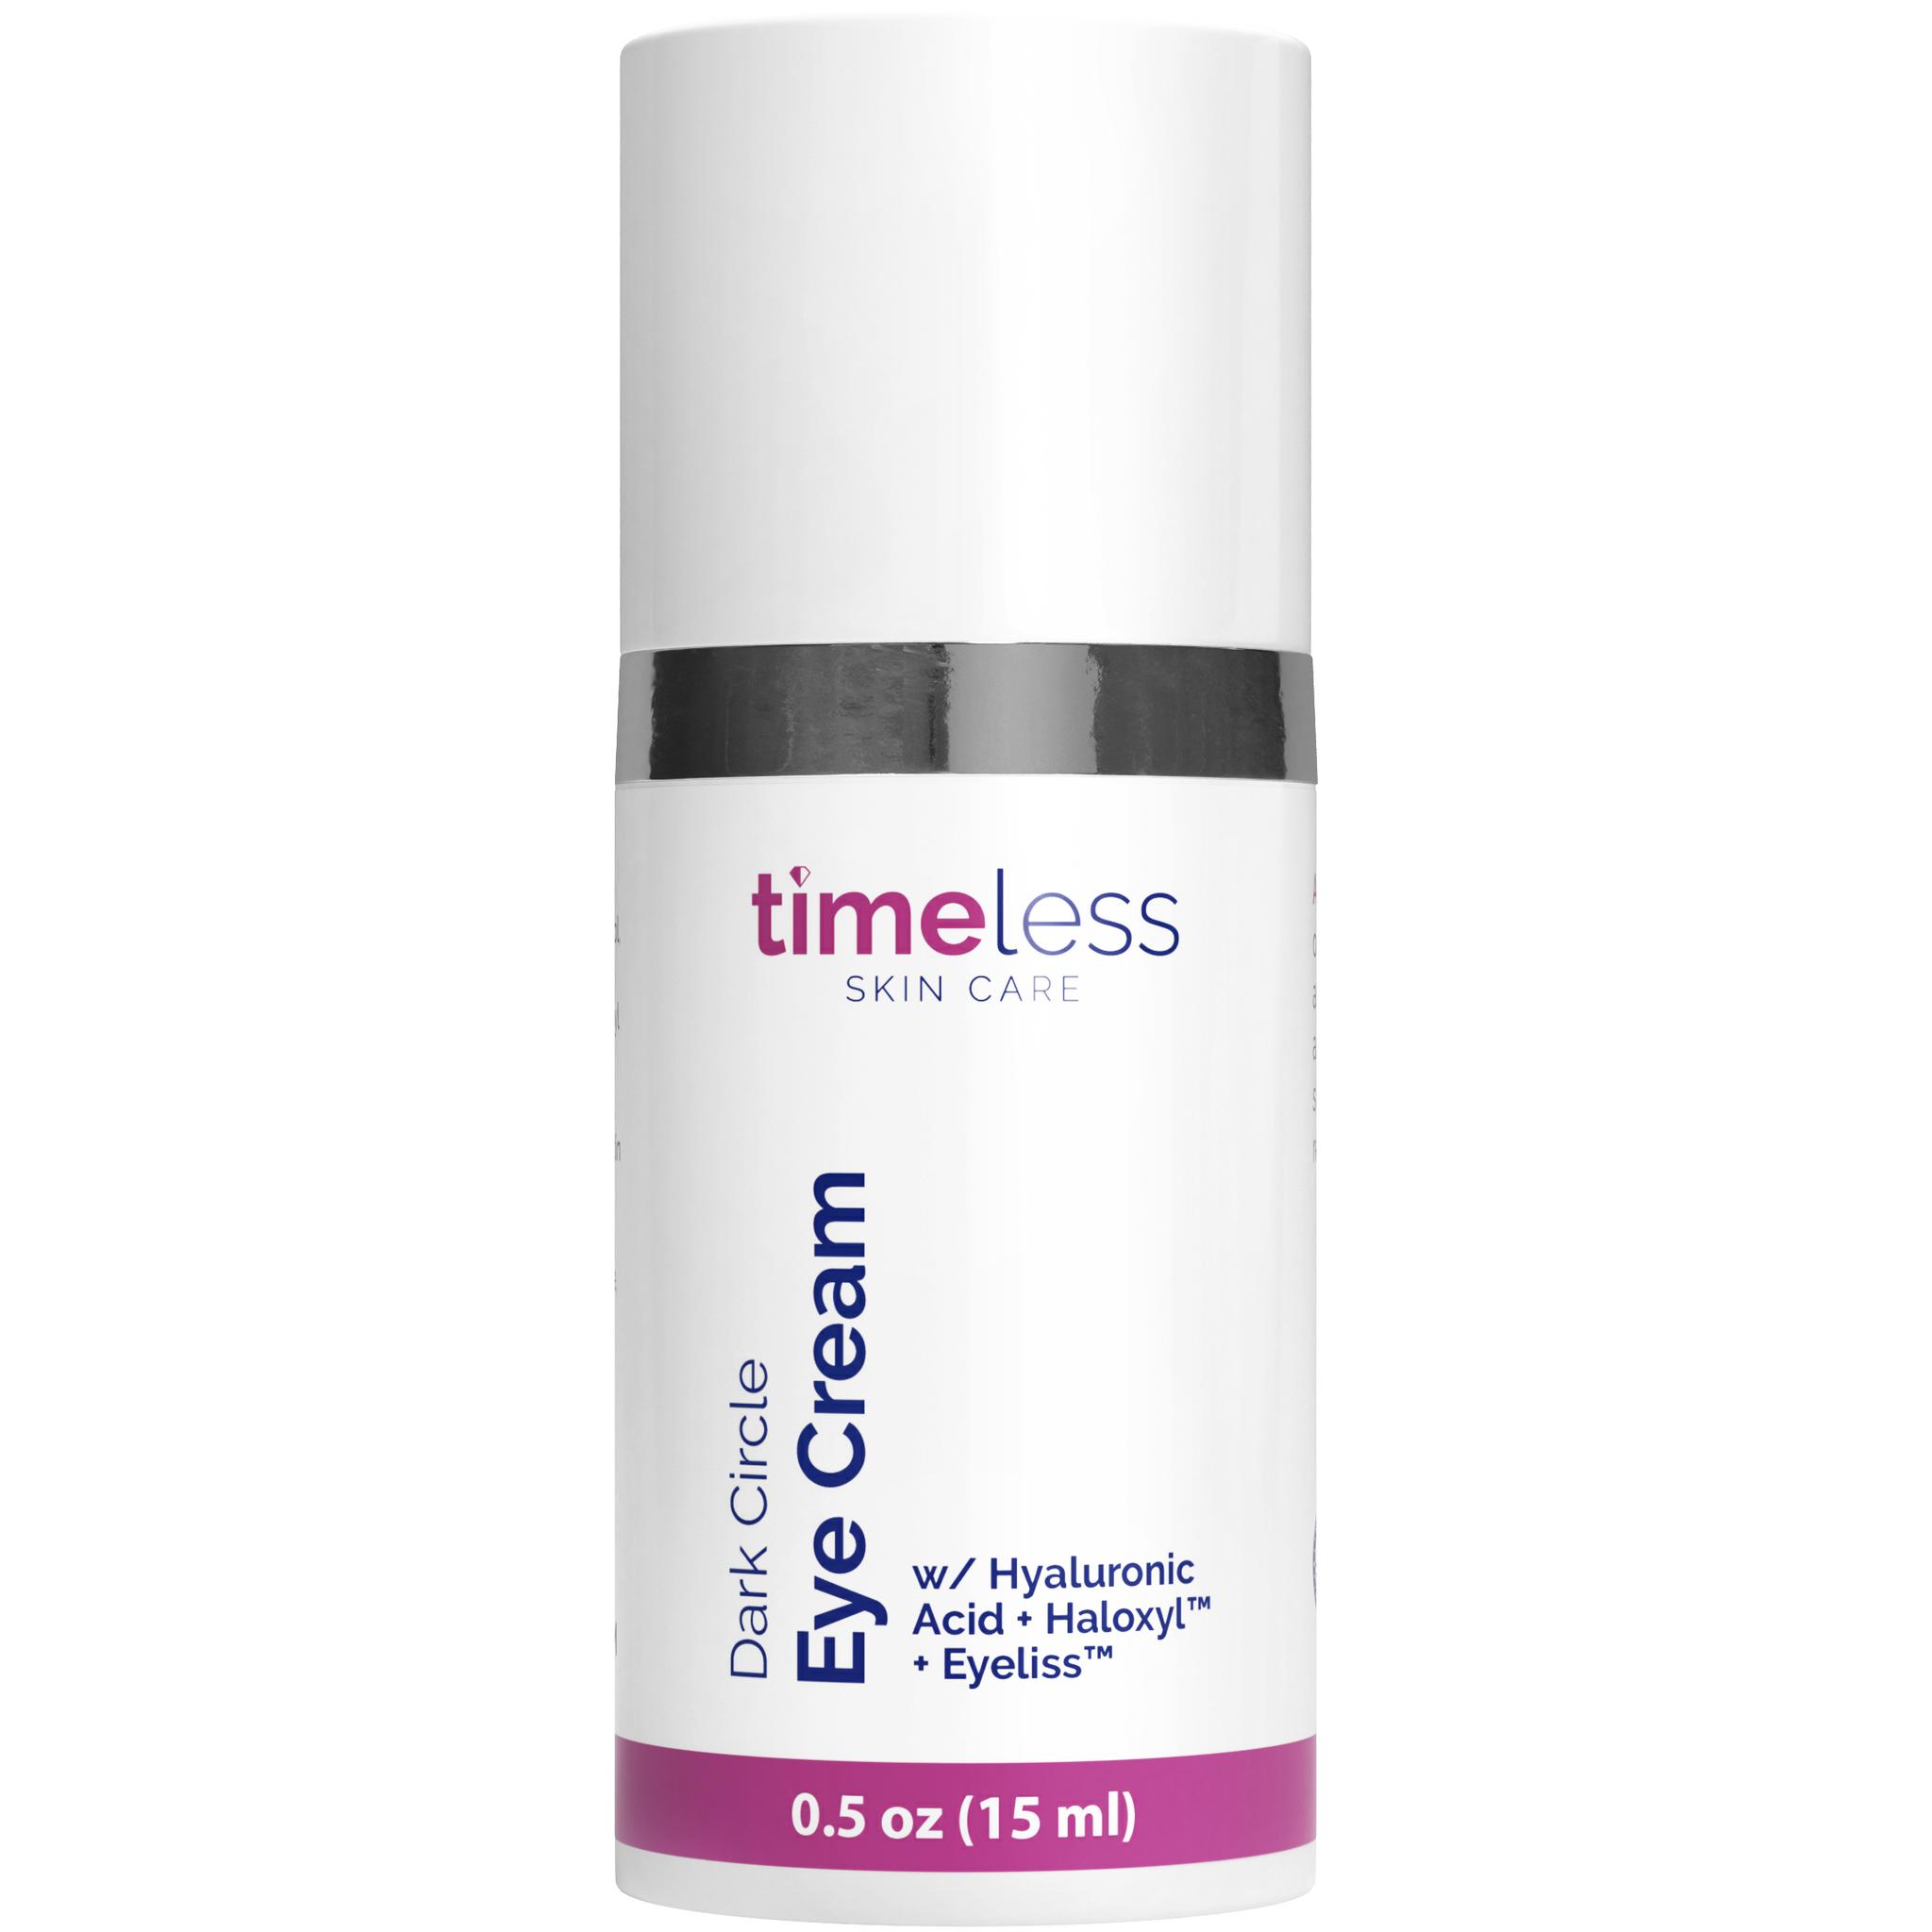 Timeless Dark Circle Eye Cream крем для век 15 мл